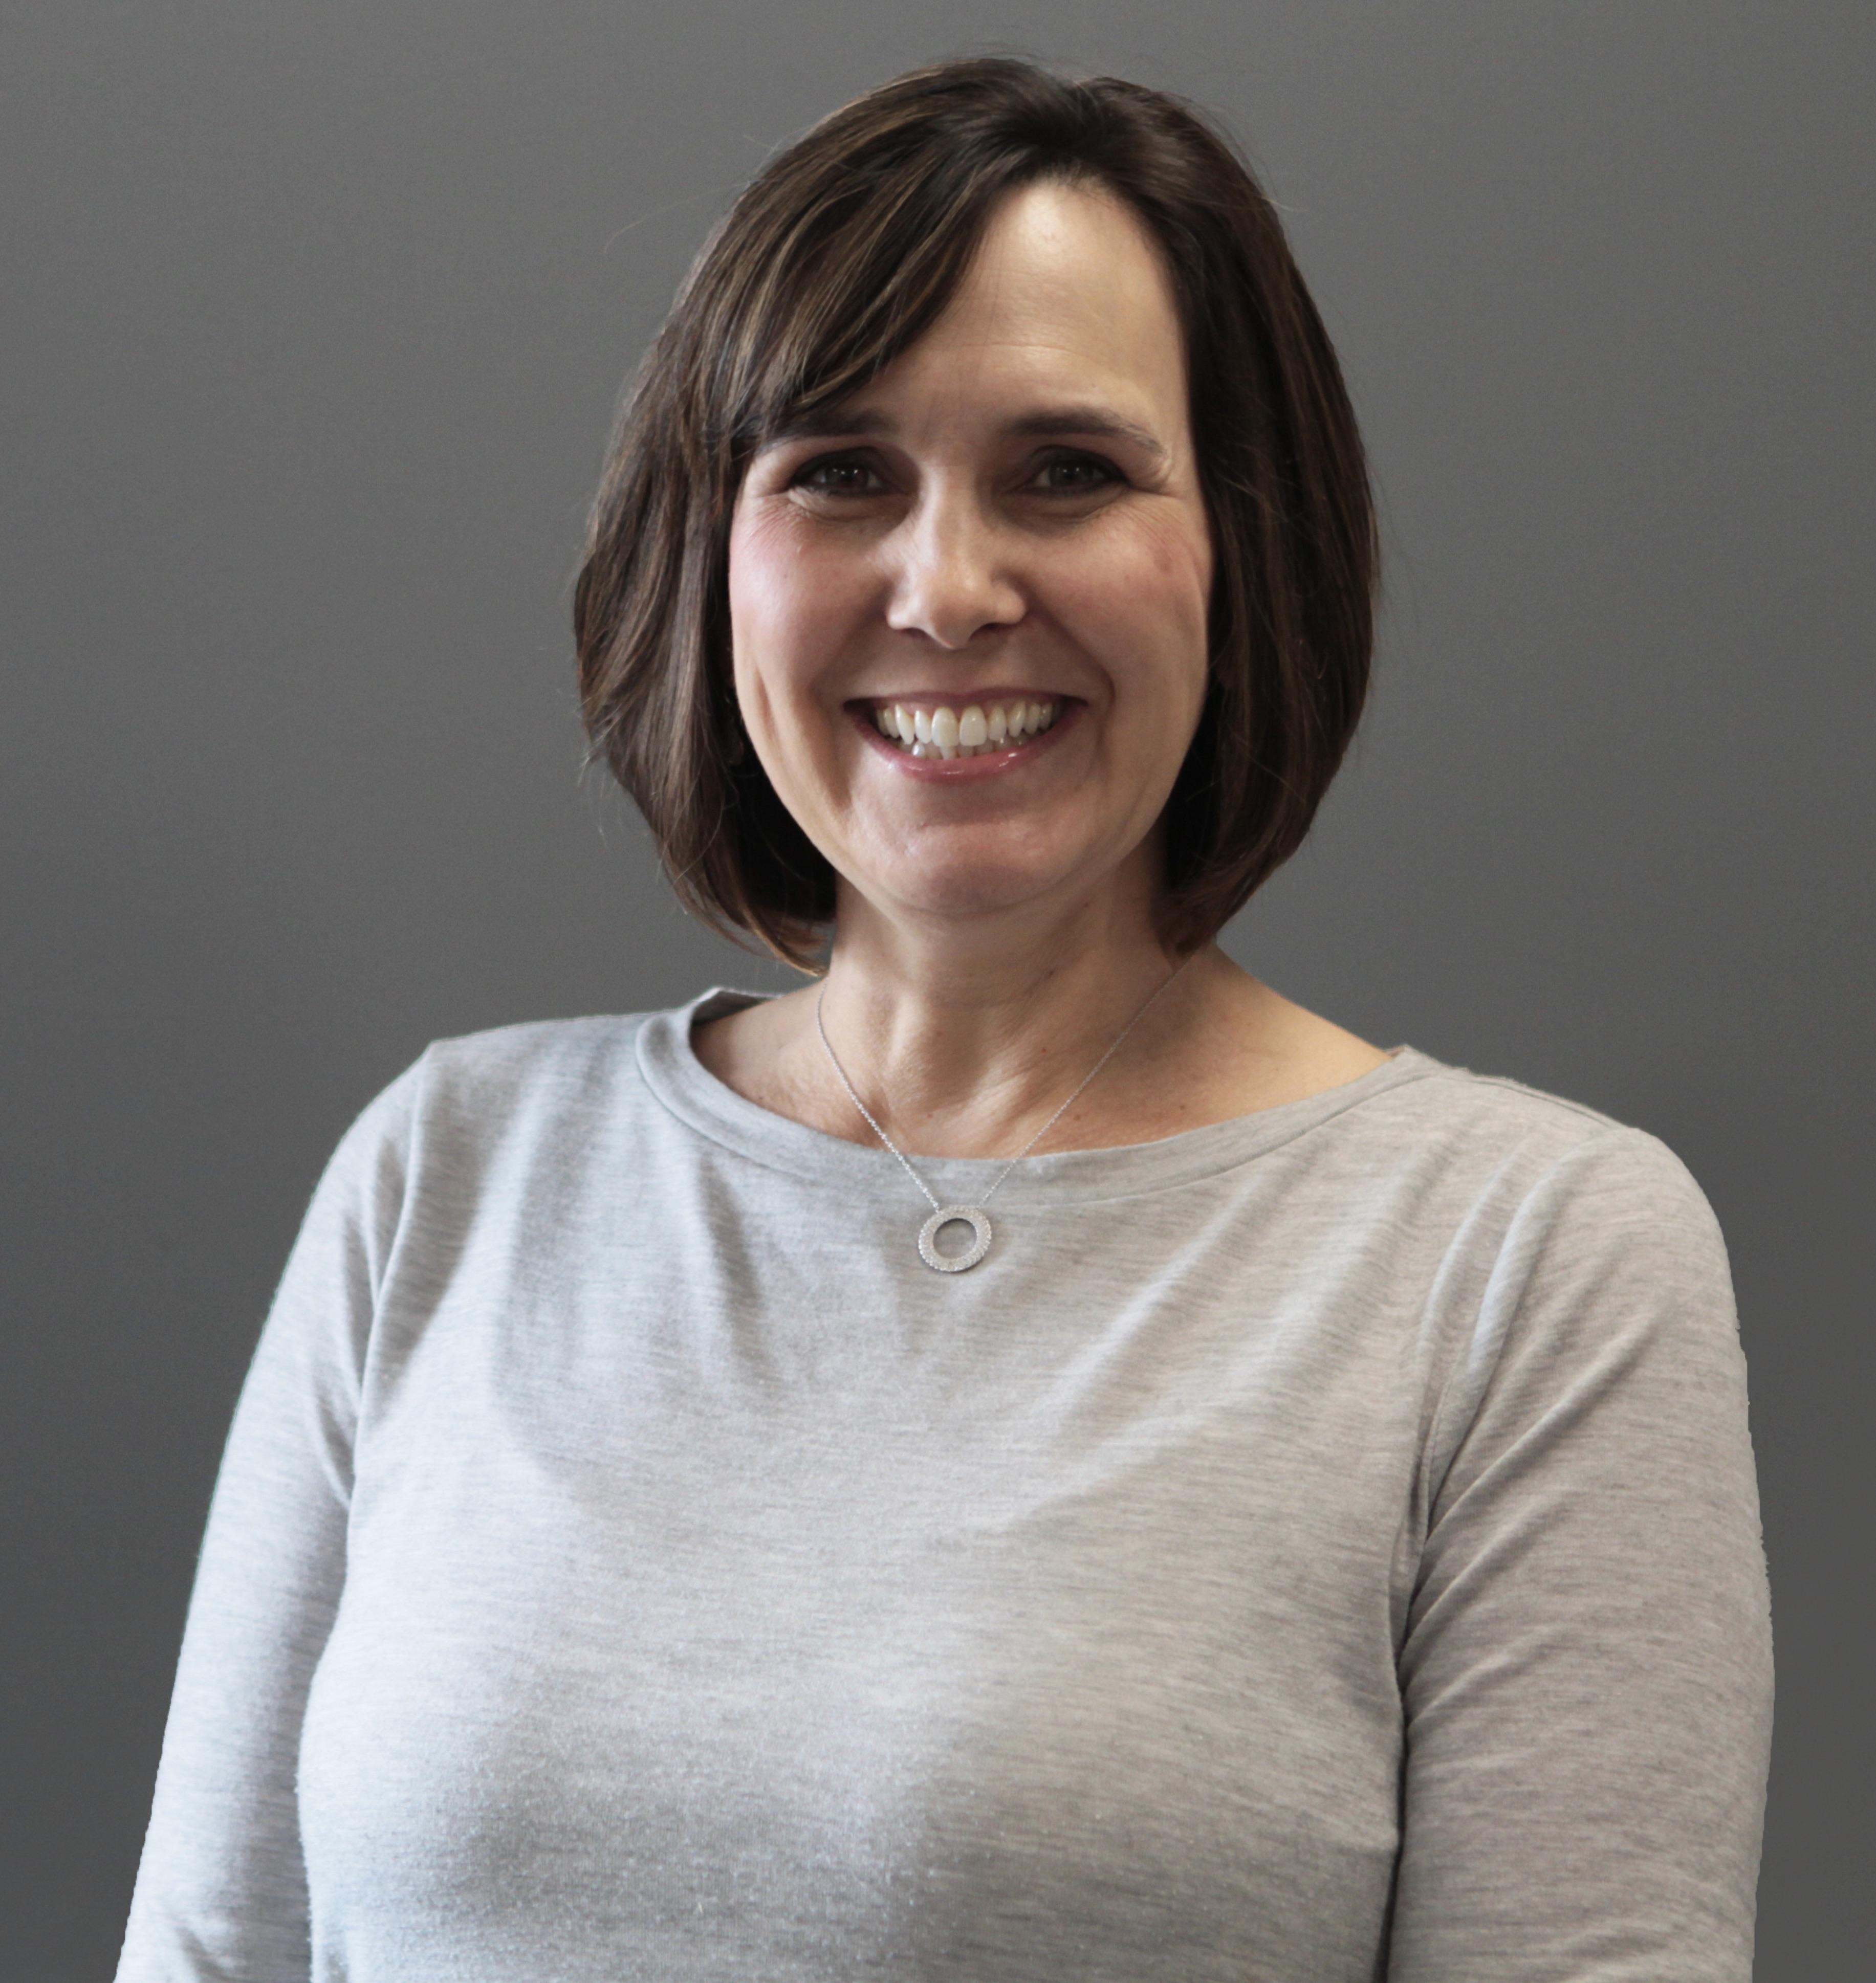 Tina Goodwin